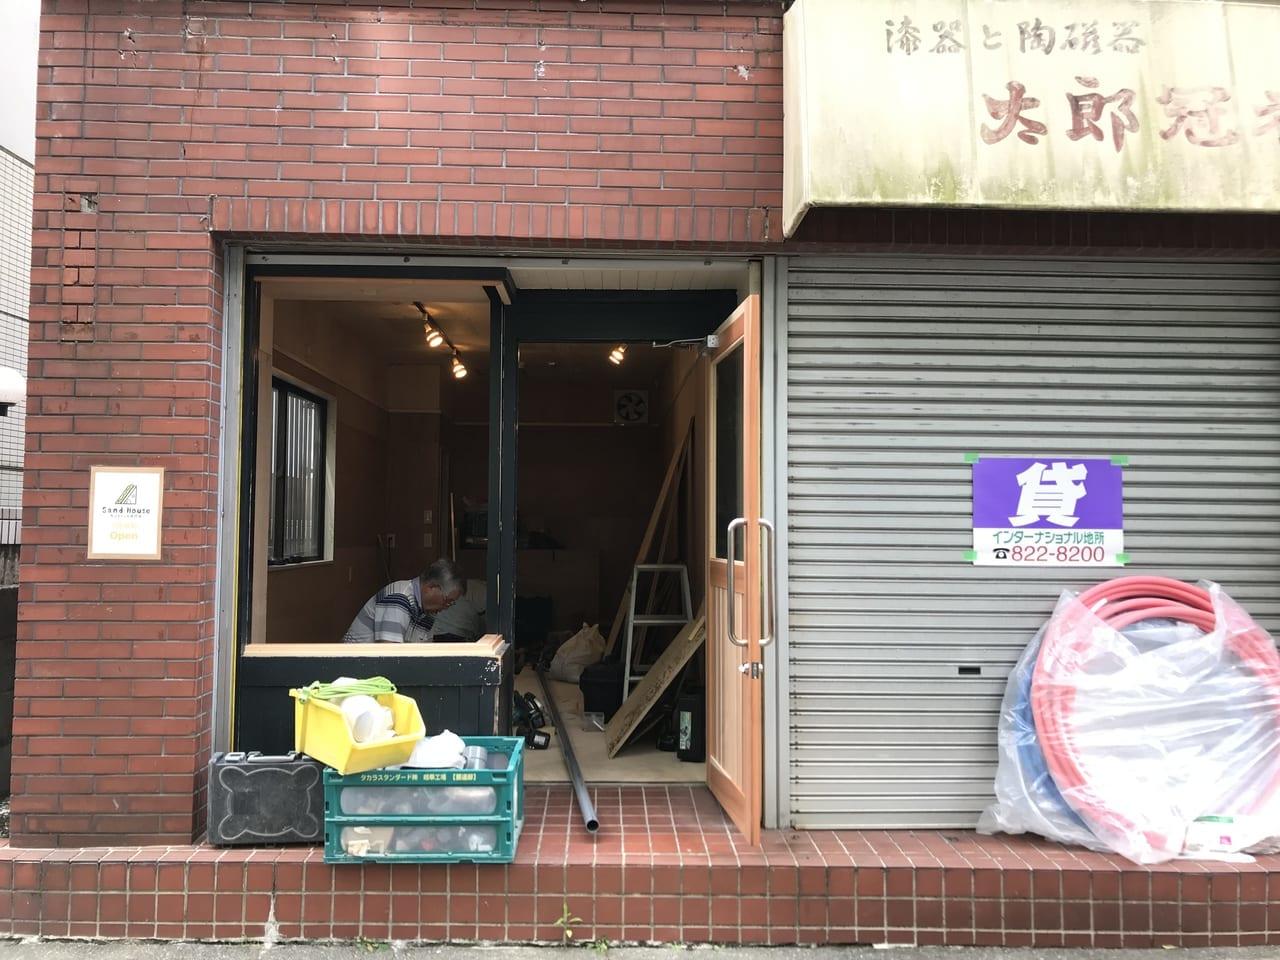 2021年7月中旬、高知市の県庁前にサンドイッチ専門店「Sand House」がオープン予定